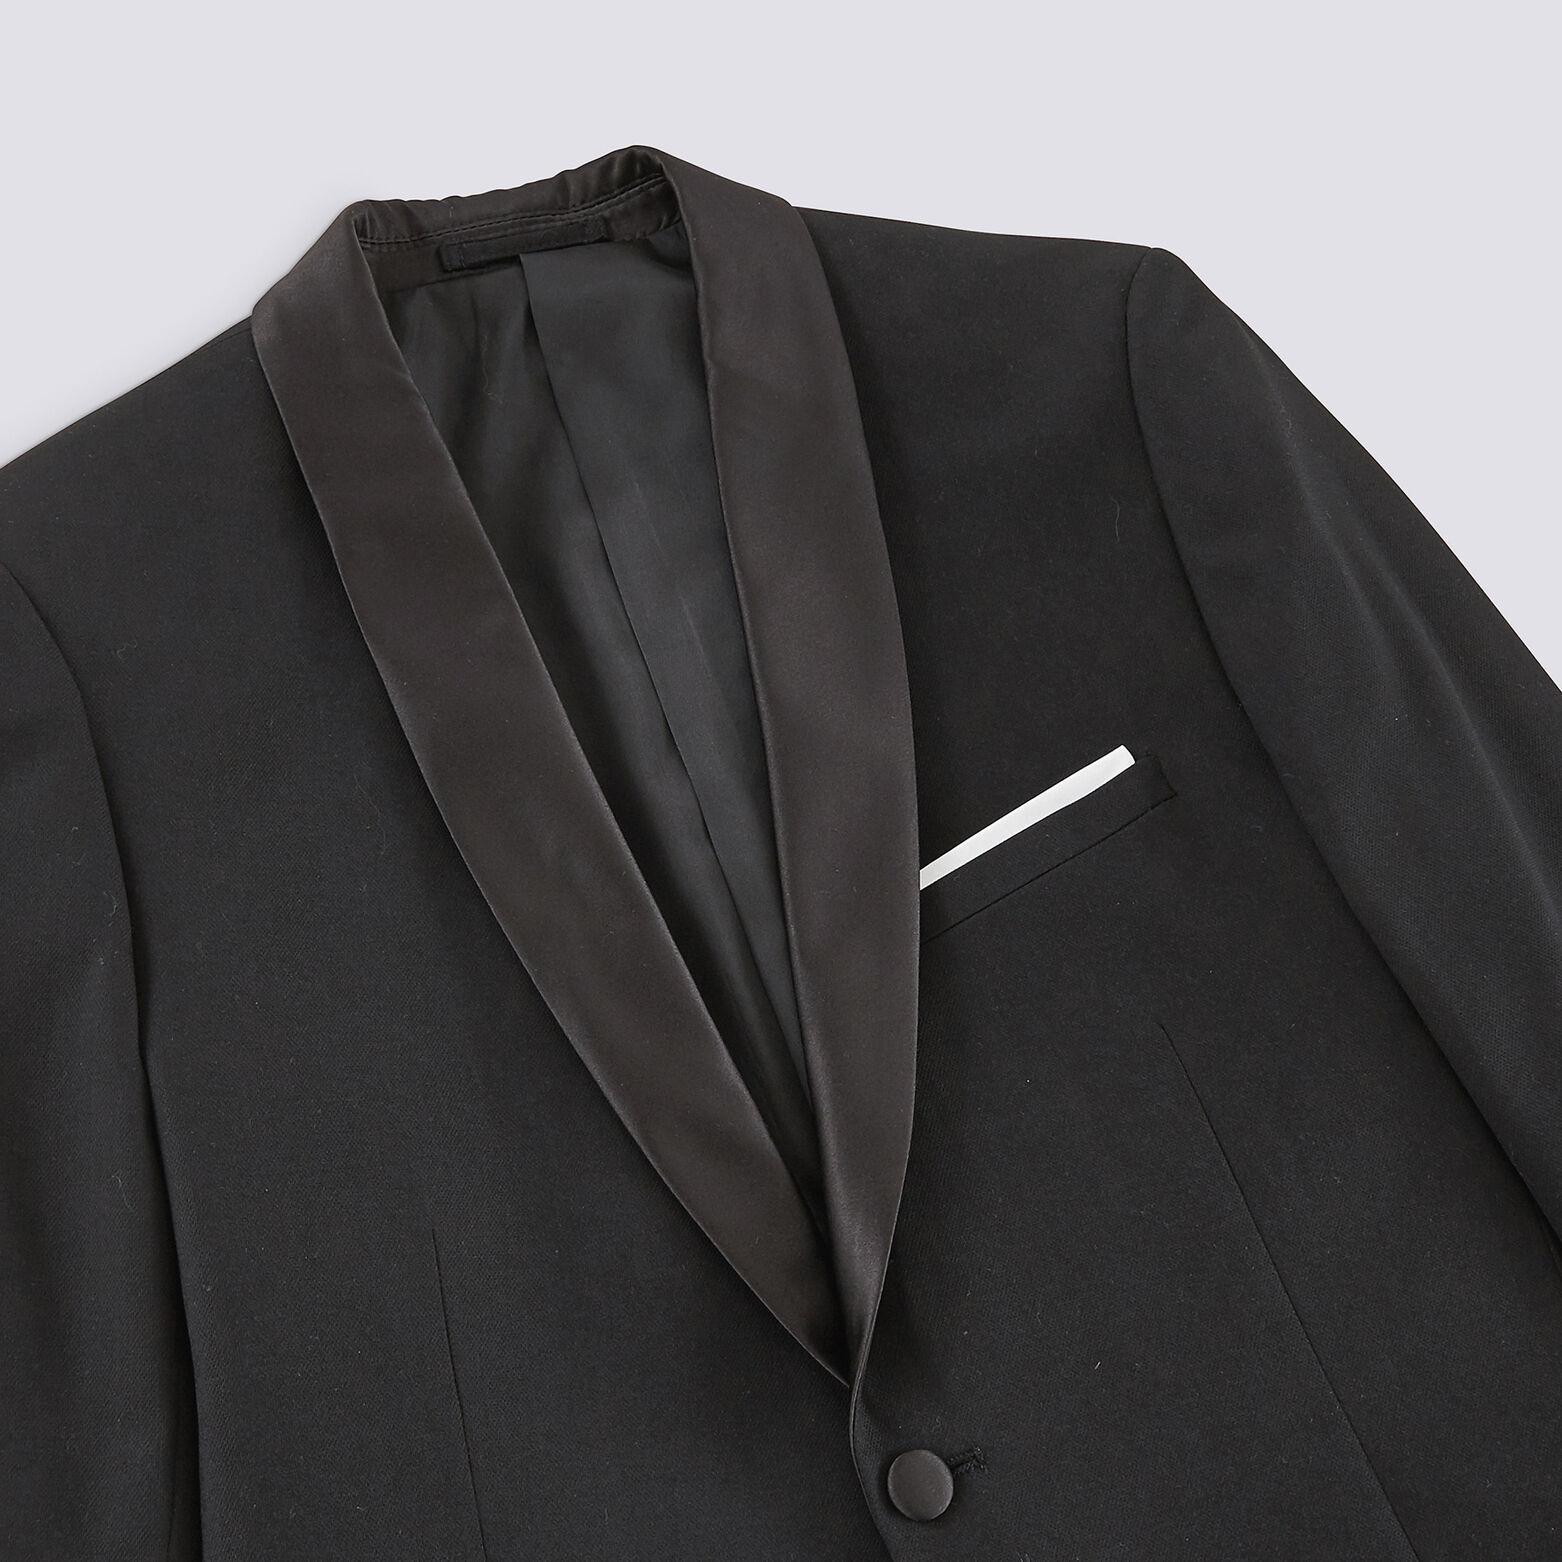 veste seule smocking slim match pant costume 1er p